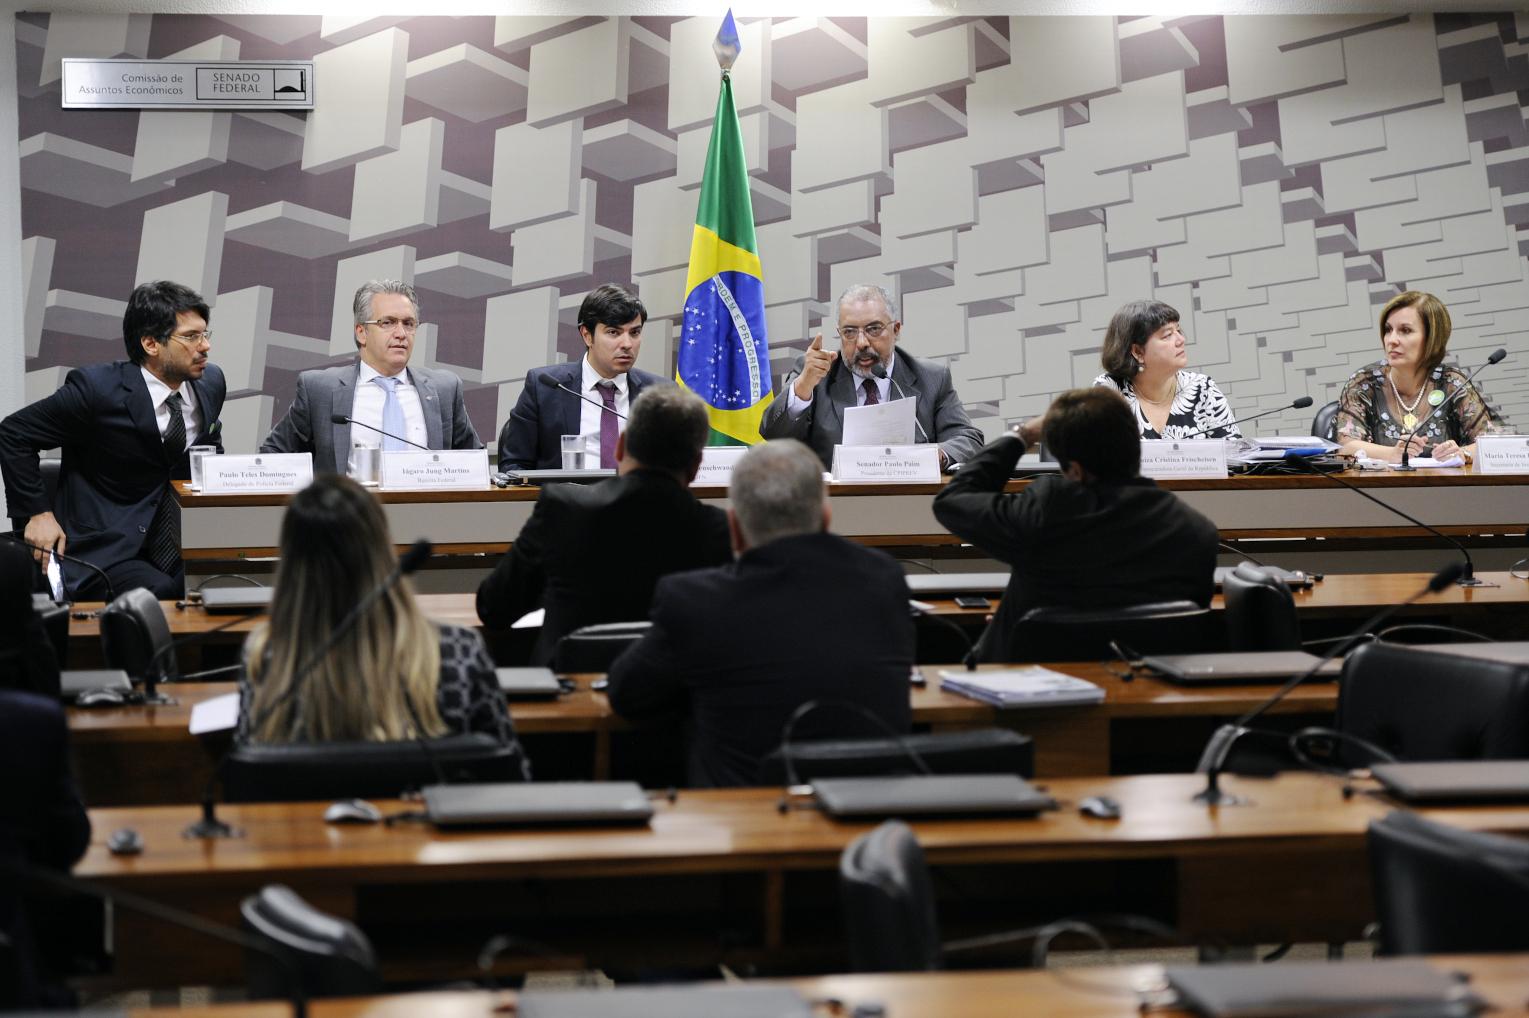 CPI da Previdência estima perda anual de R$ 115 bi com fraudes